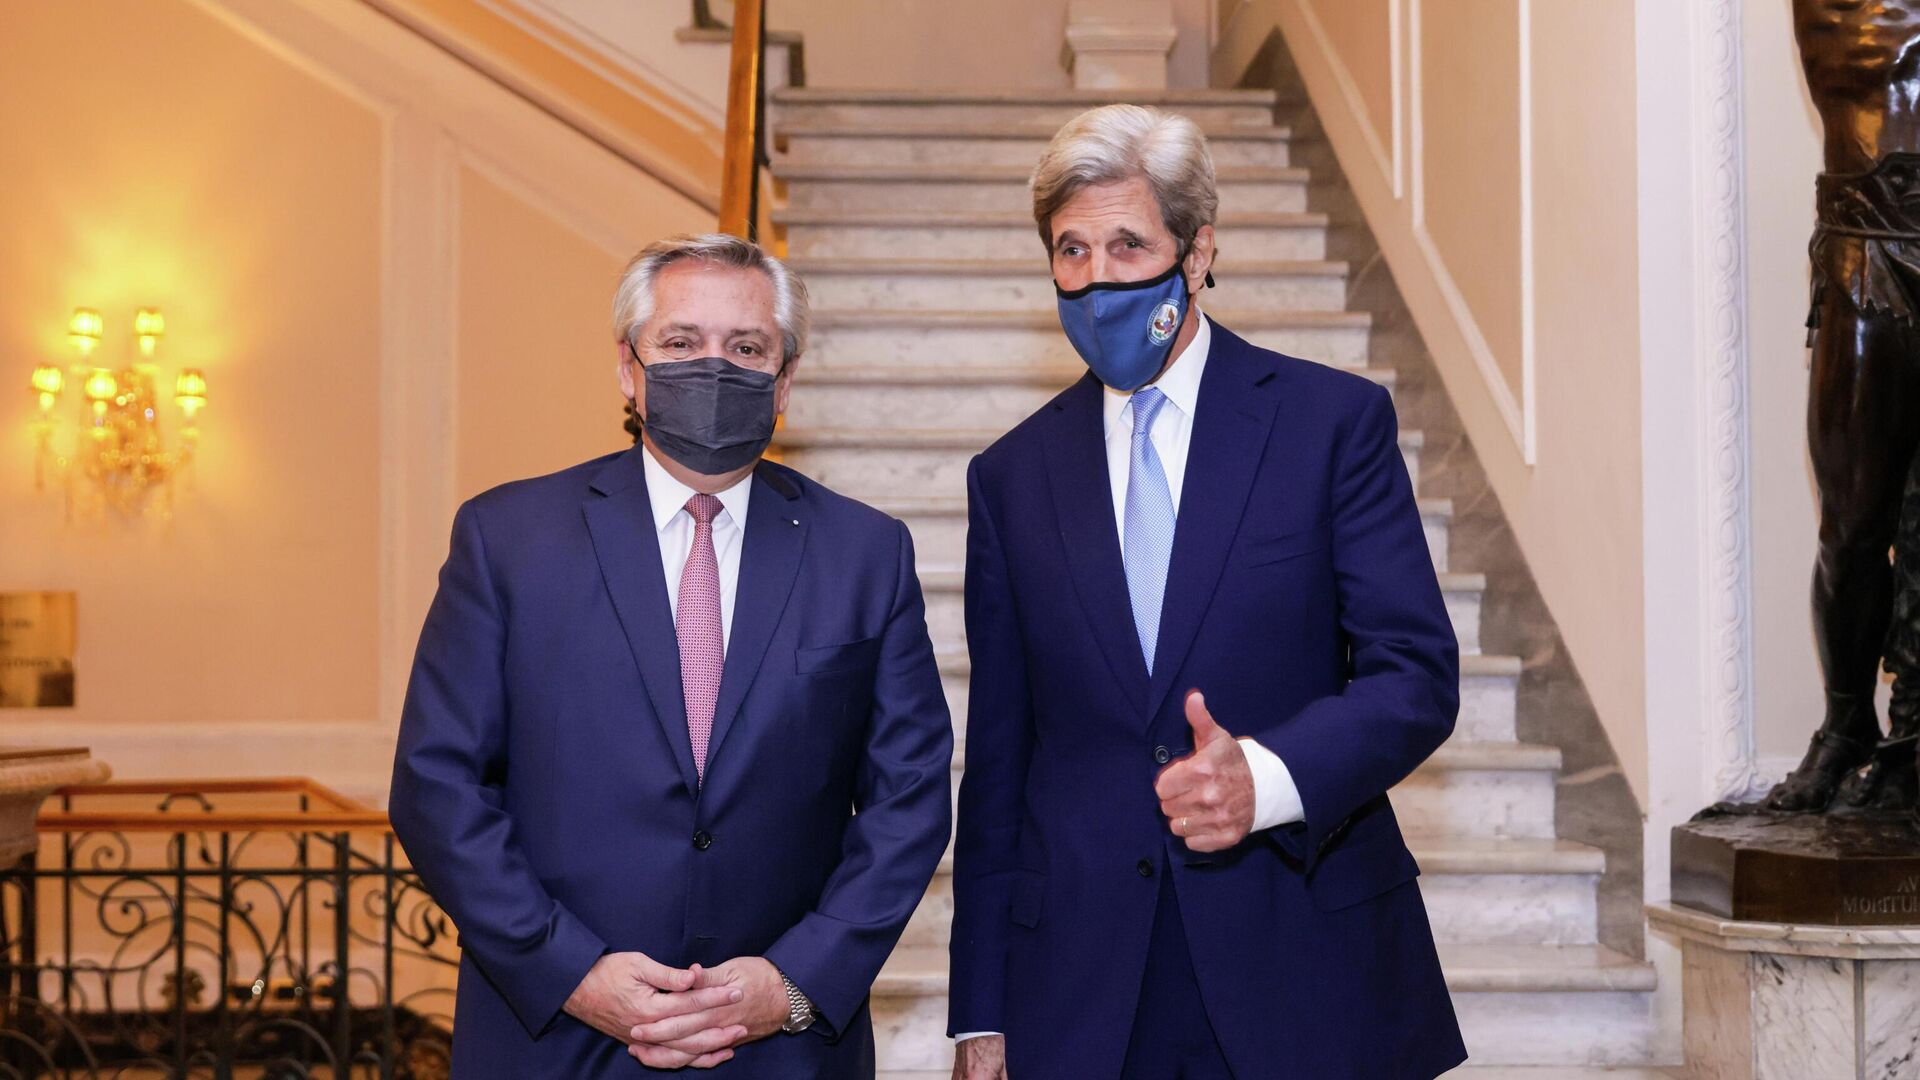 El Presidente argentino, Alberto Fernández,  se reunió en Roma con John Kerry, enviado especial para el Clima de los Estados Unidos - Sputnik Mundo, 1920, 14.05.2021